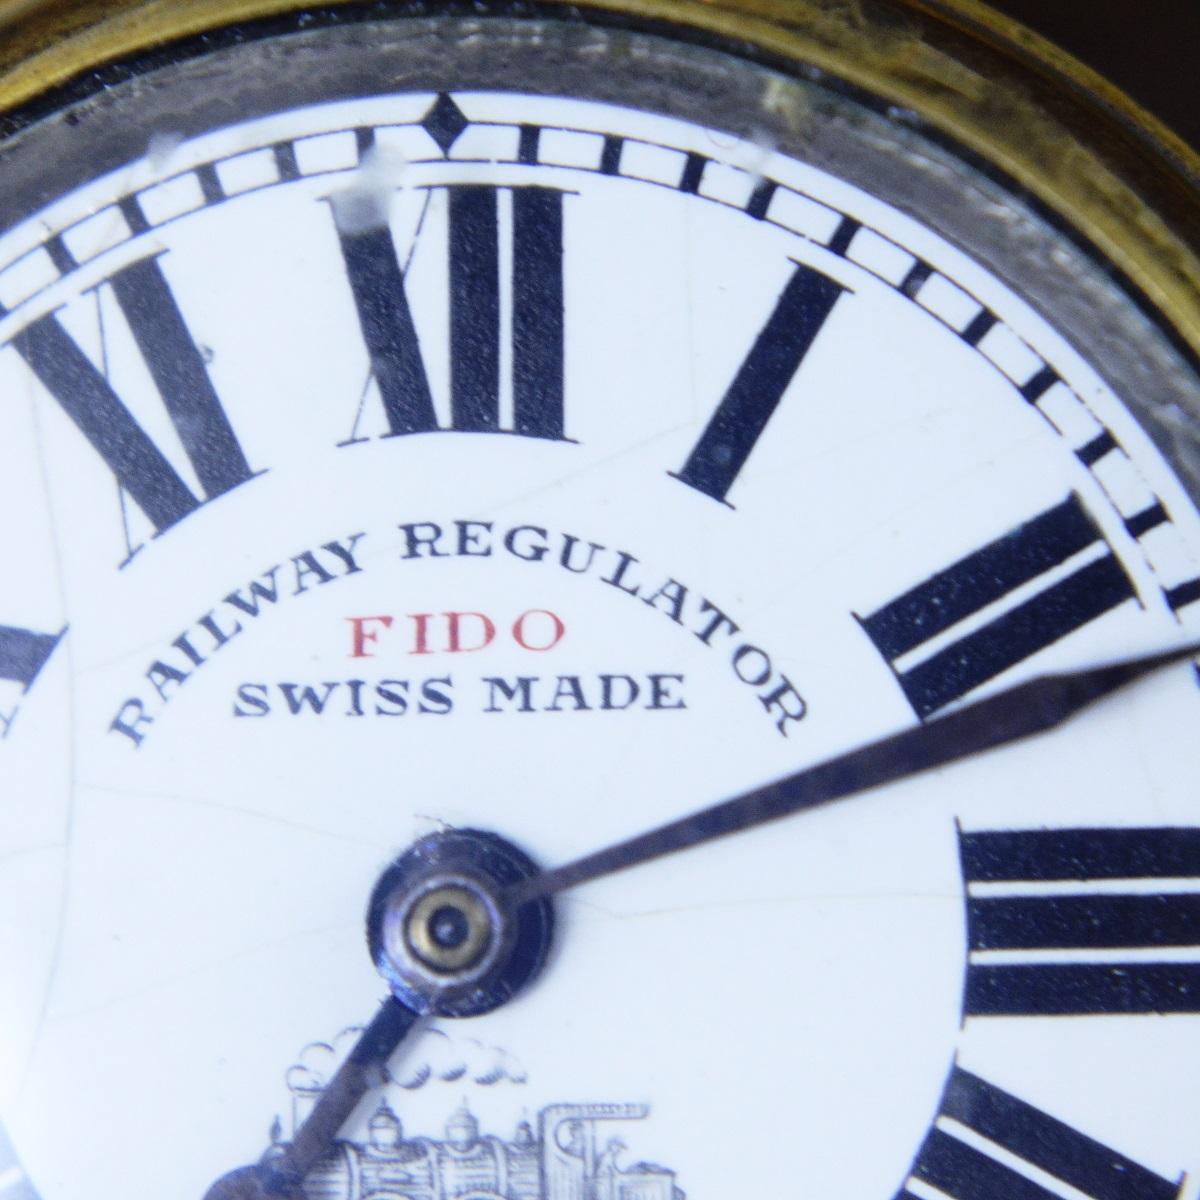 Antique Swiss Made Railway Regulator Fido Pocket Watch